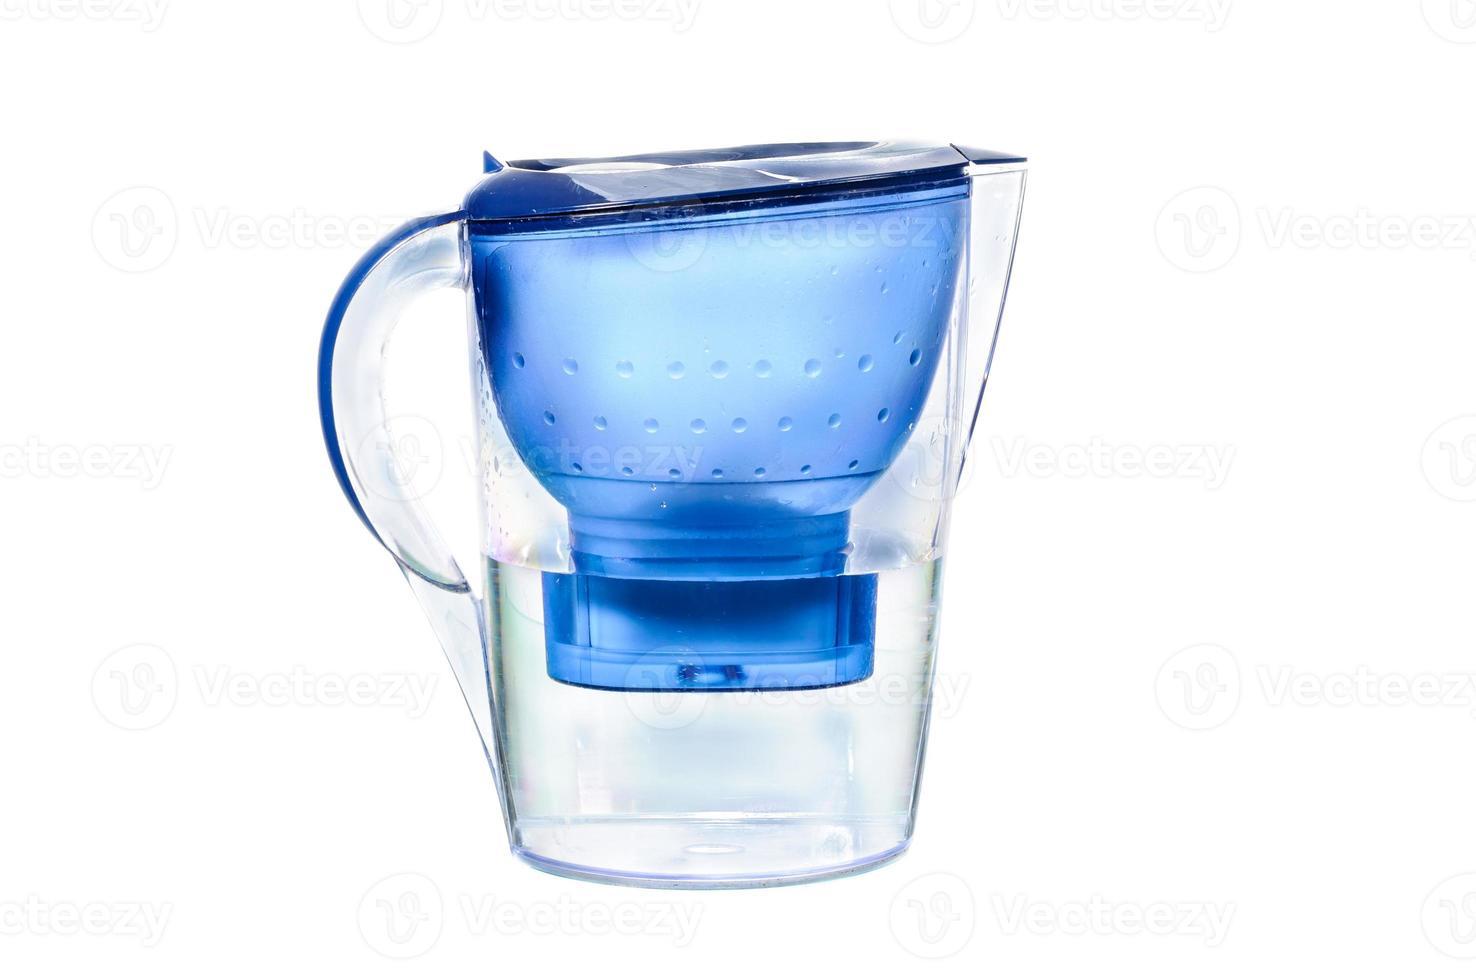 färskt filtrerat vatten för dryck foto